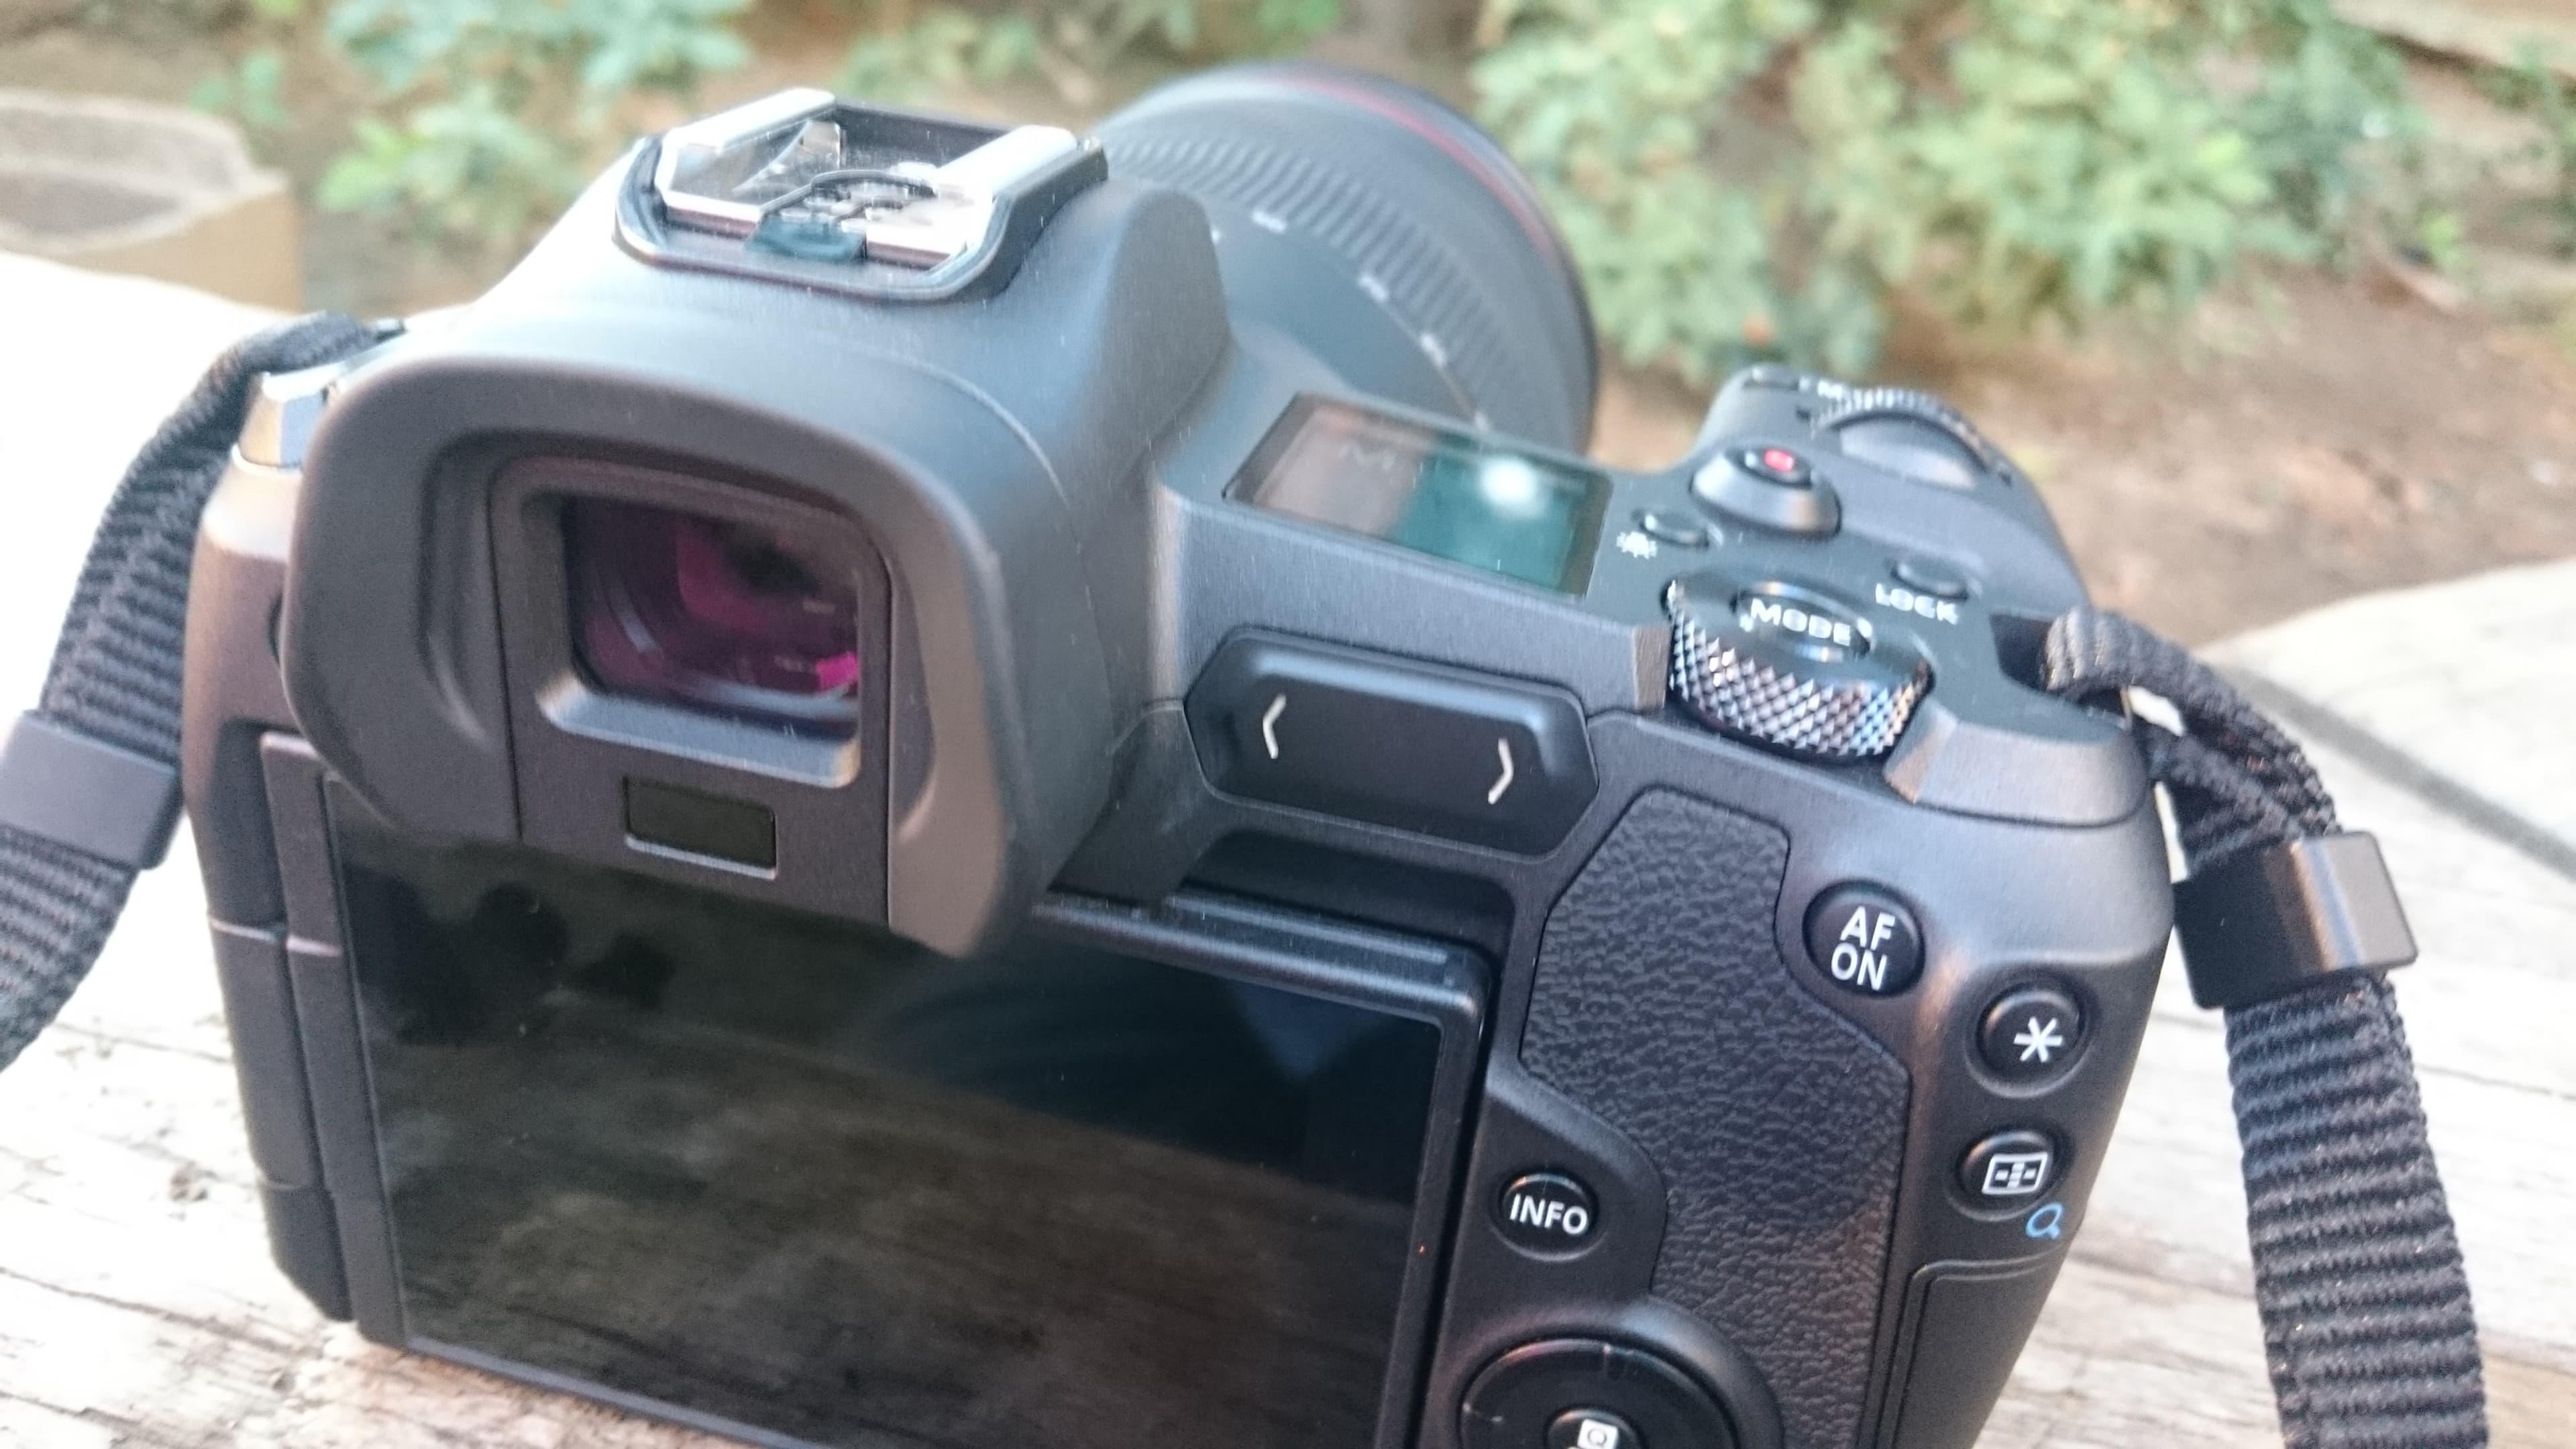 池袋ハロウィン2018 池ハロ Canon EOS R, RF24-105mm F4L IS USM